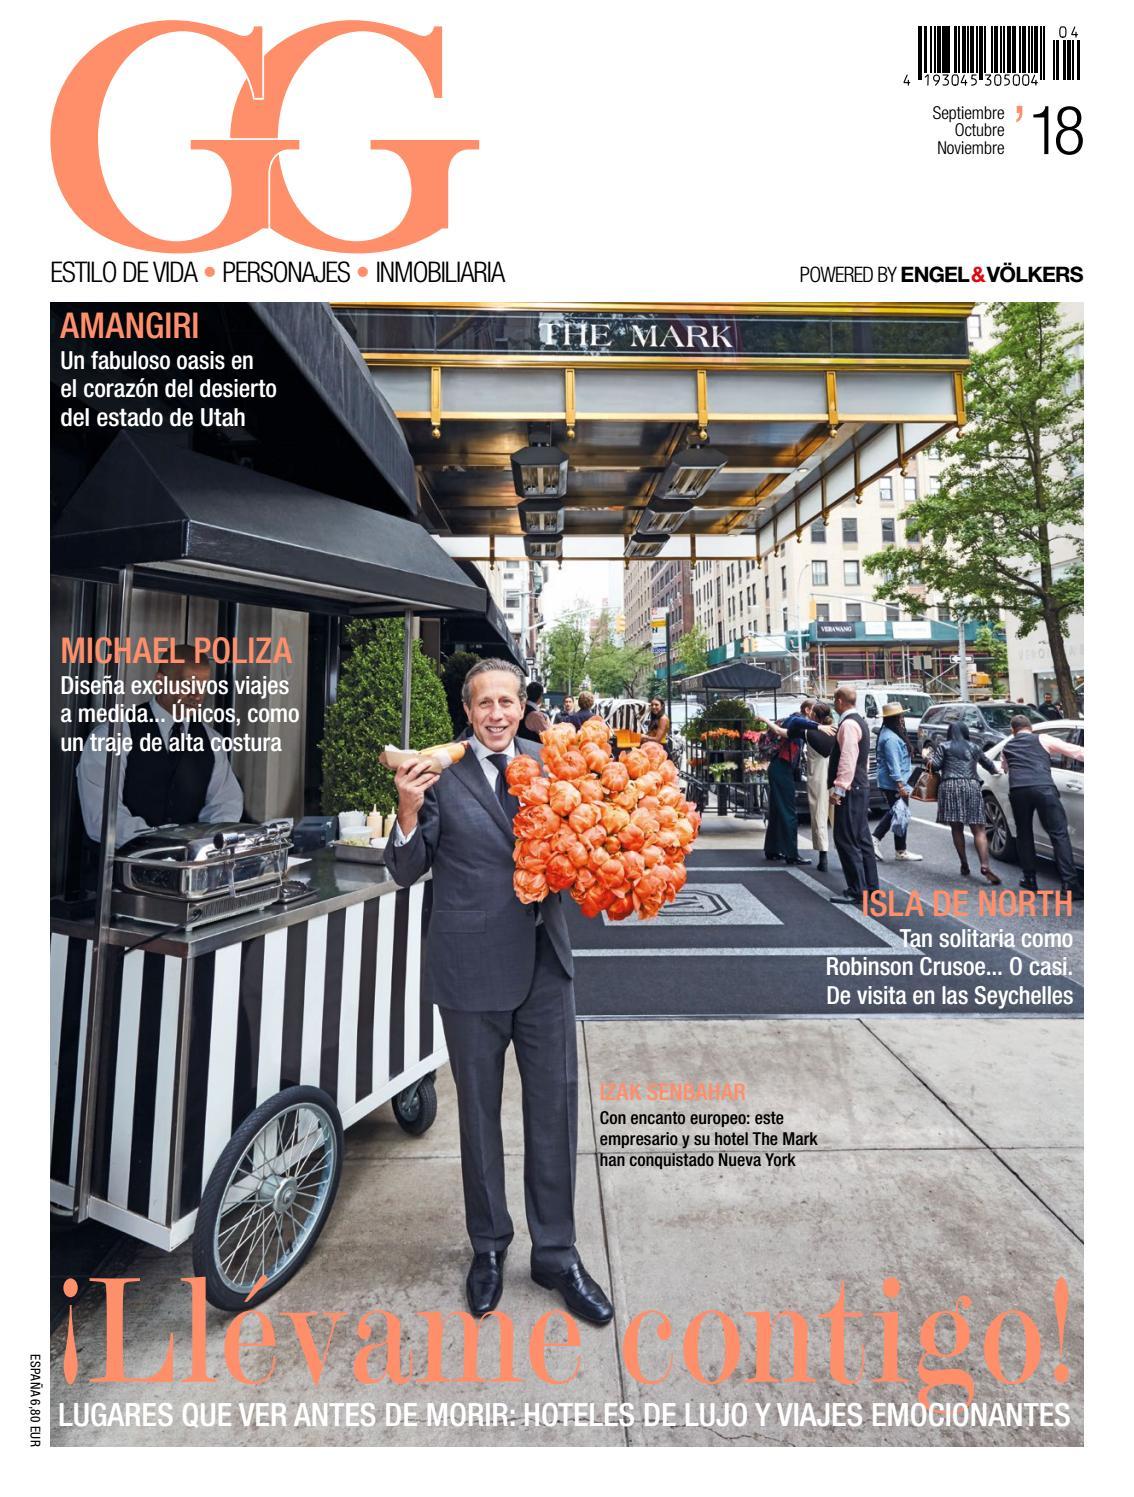 GG Magazine 04 18 (spanish) by GG-Magazine - issuu fc8ae4e3bb9